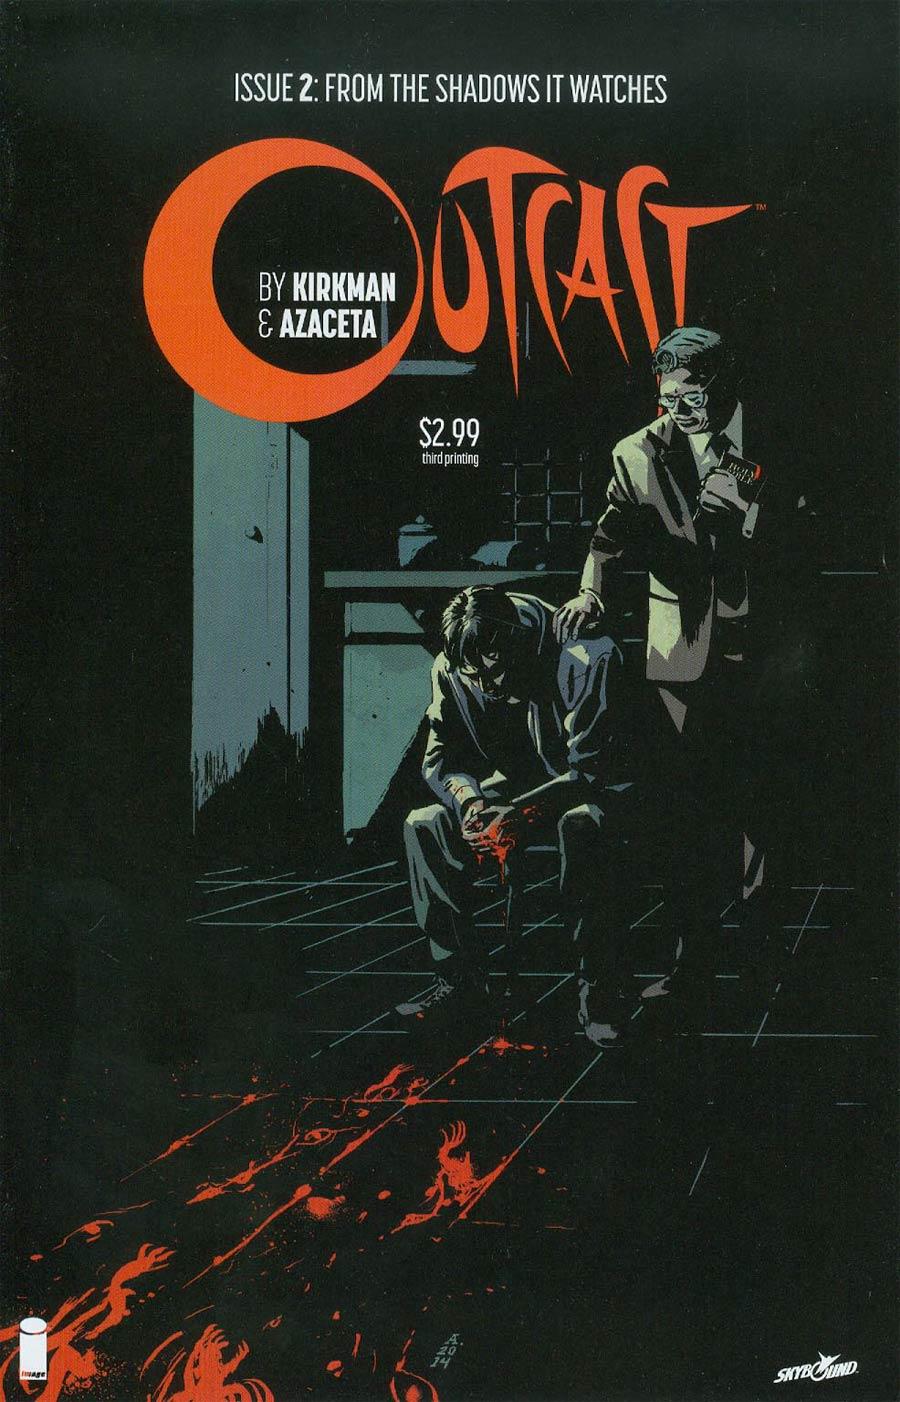 Outcast By Kirkman & Azaceta #2 Cover C 3rd Ptg